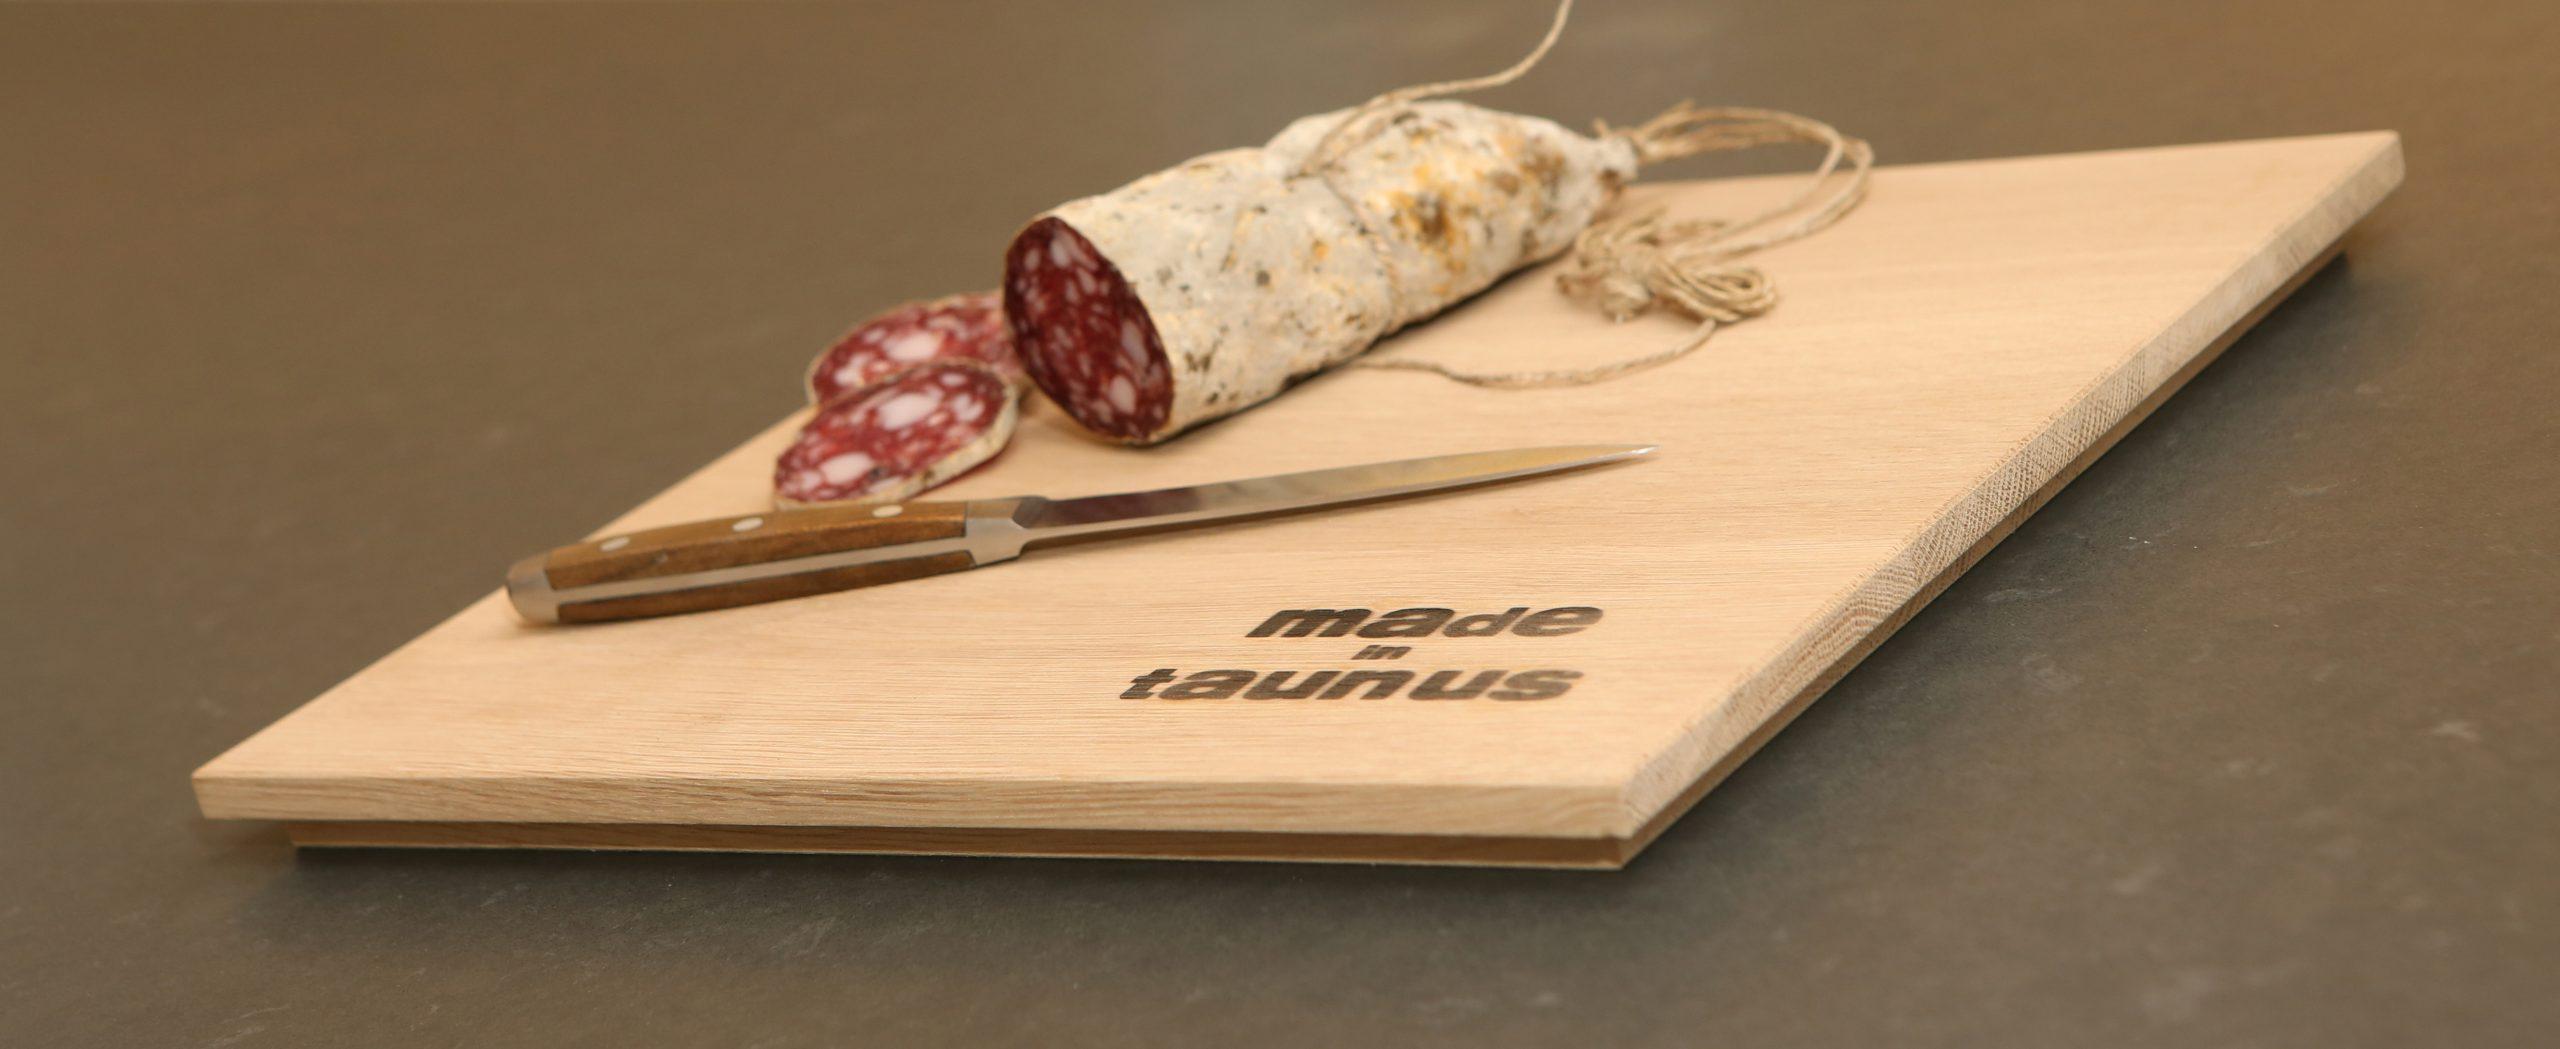 made-in-taunus-accessoires-pizzabrett-mit-3